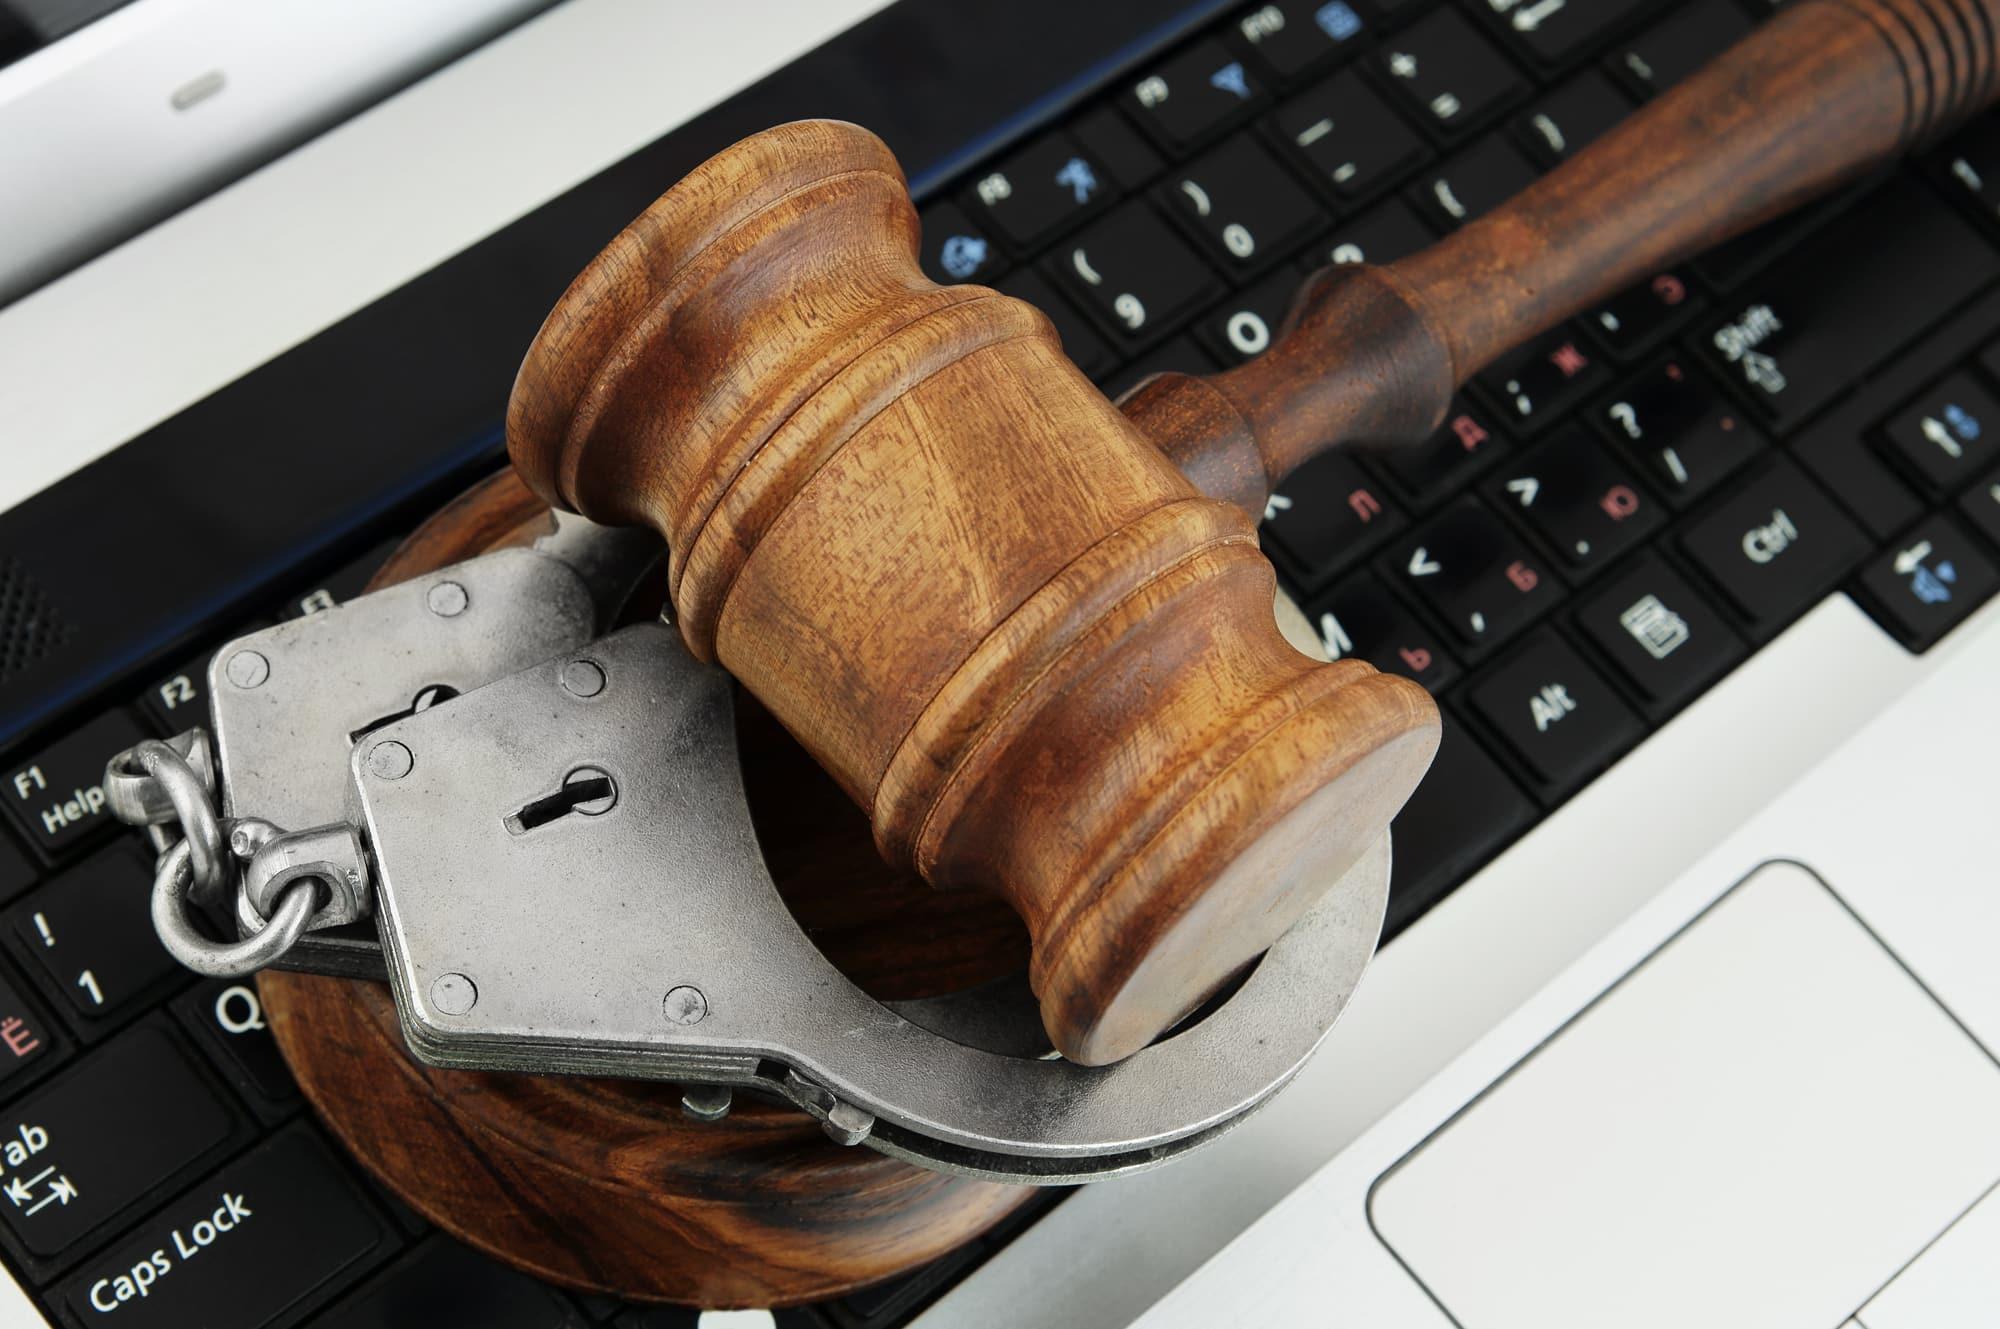 עבירות מין ברשת האינטרנט - סוגים ועונשים